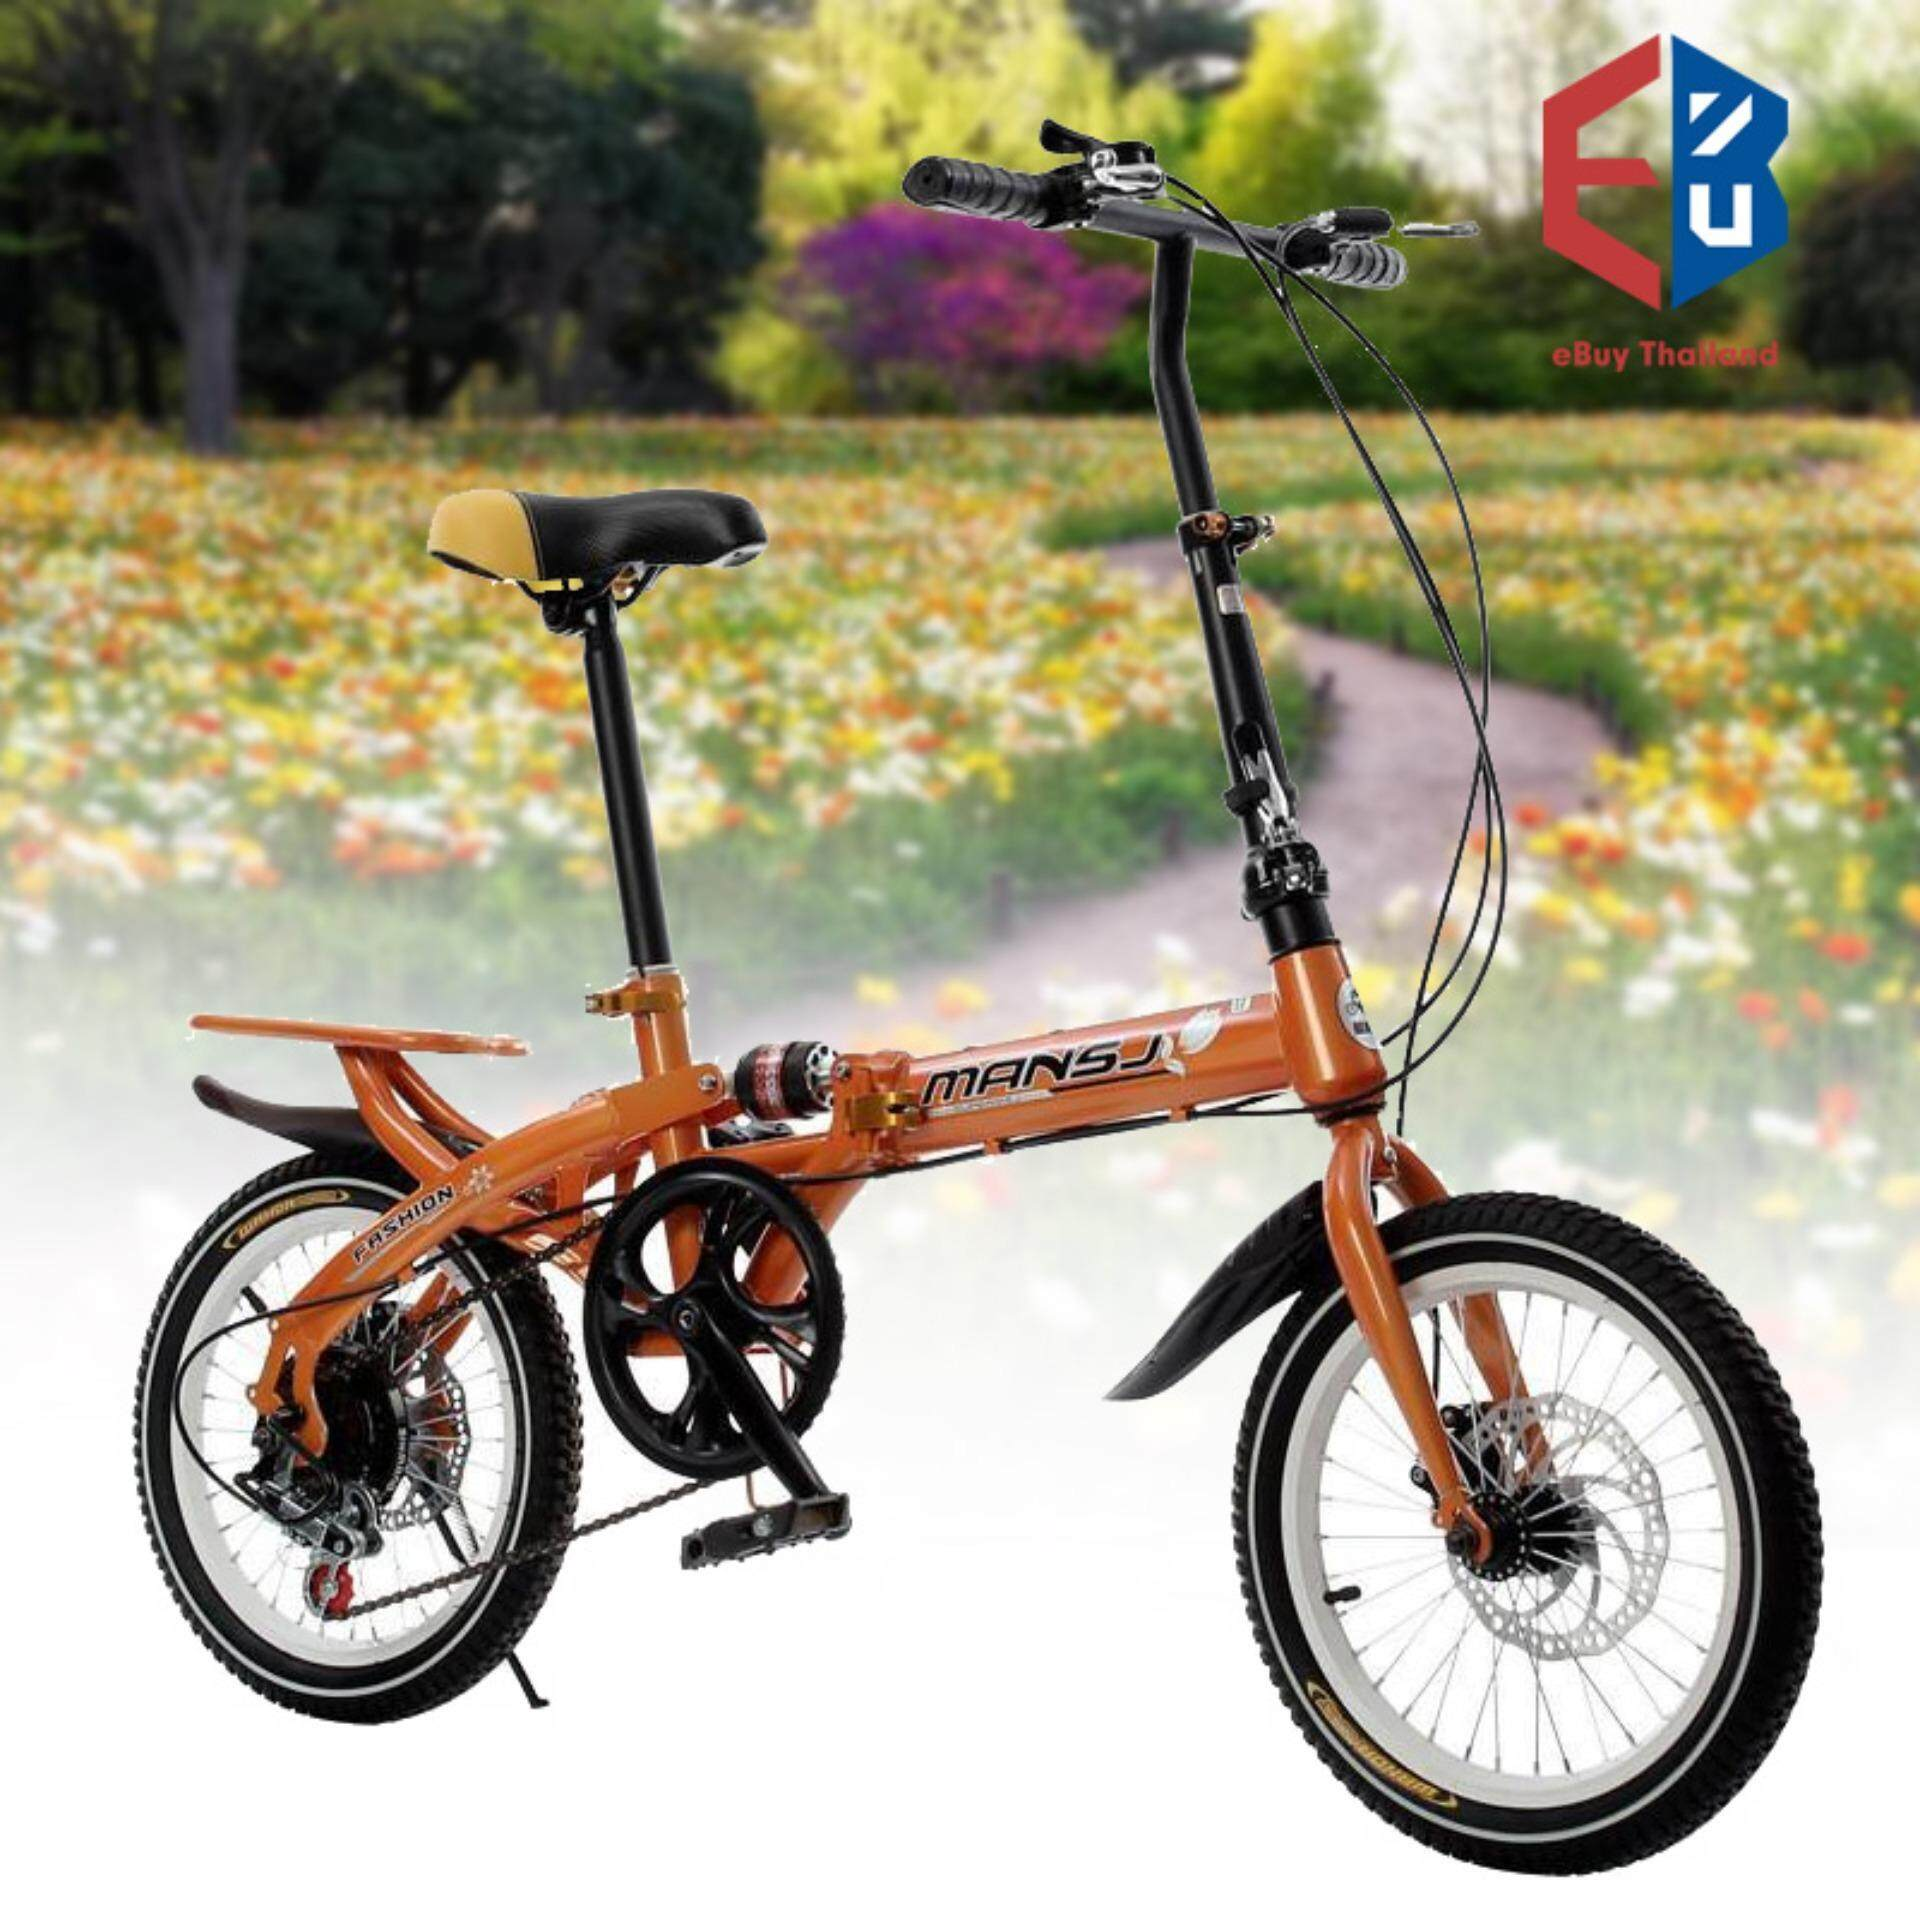 จักรยานพับได้ จักรยานพกพา ขนาดล้อ 16 นิ้ว.